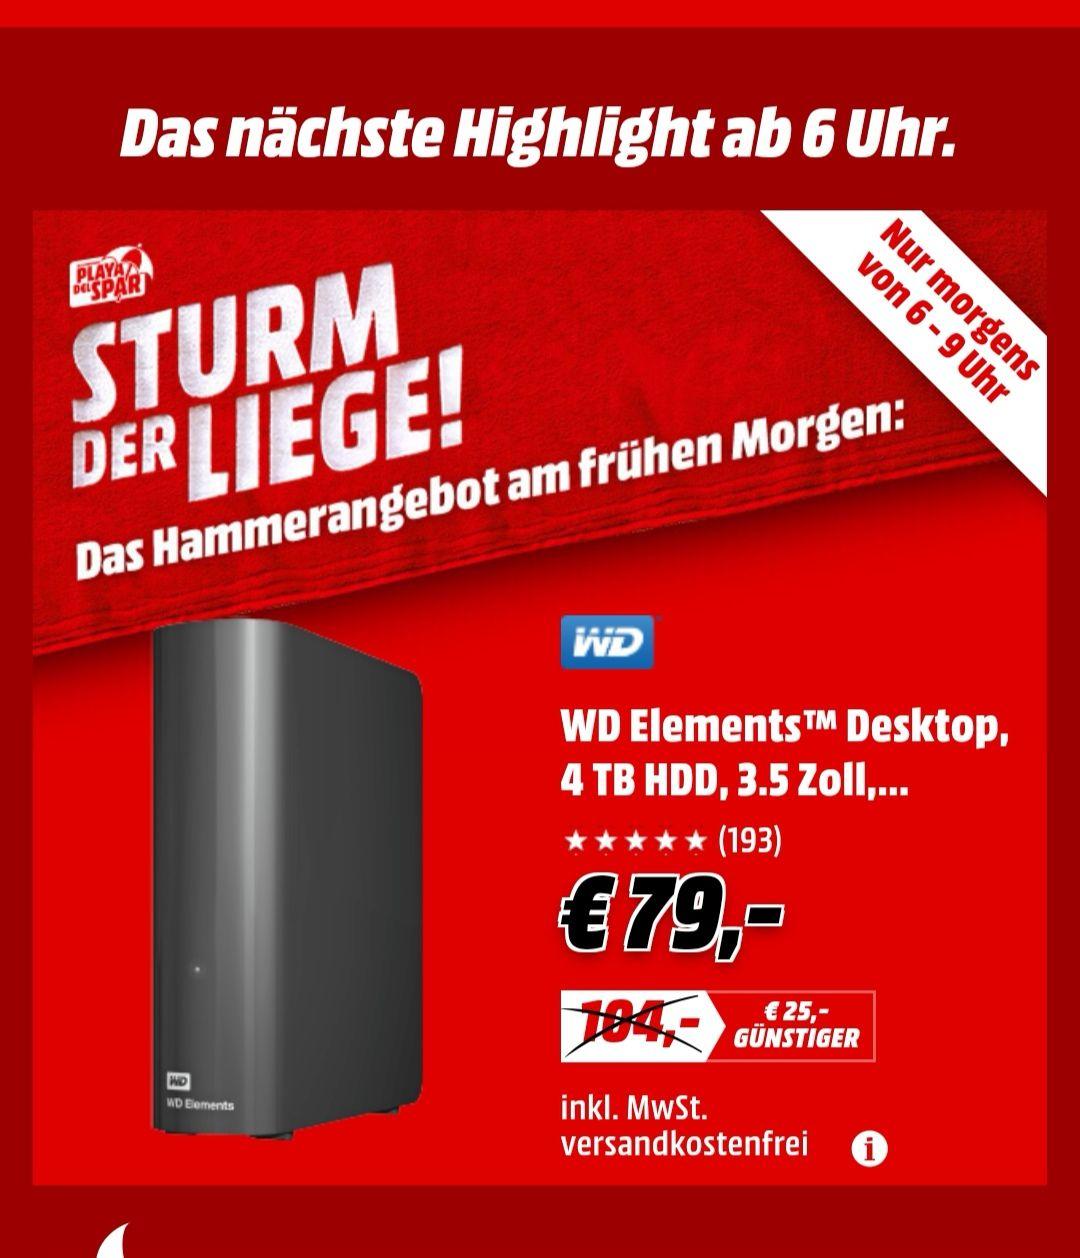 WD Elements™ Desktop, 4 TB HDD, 3.5 Zoll, externe Festplatte Morgen früh von 6 bis 9 Uhr MM